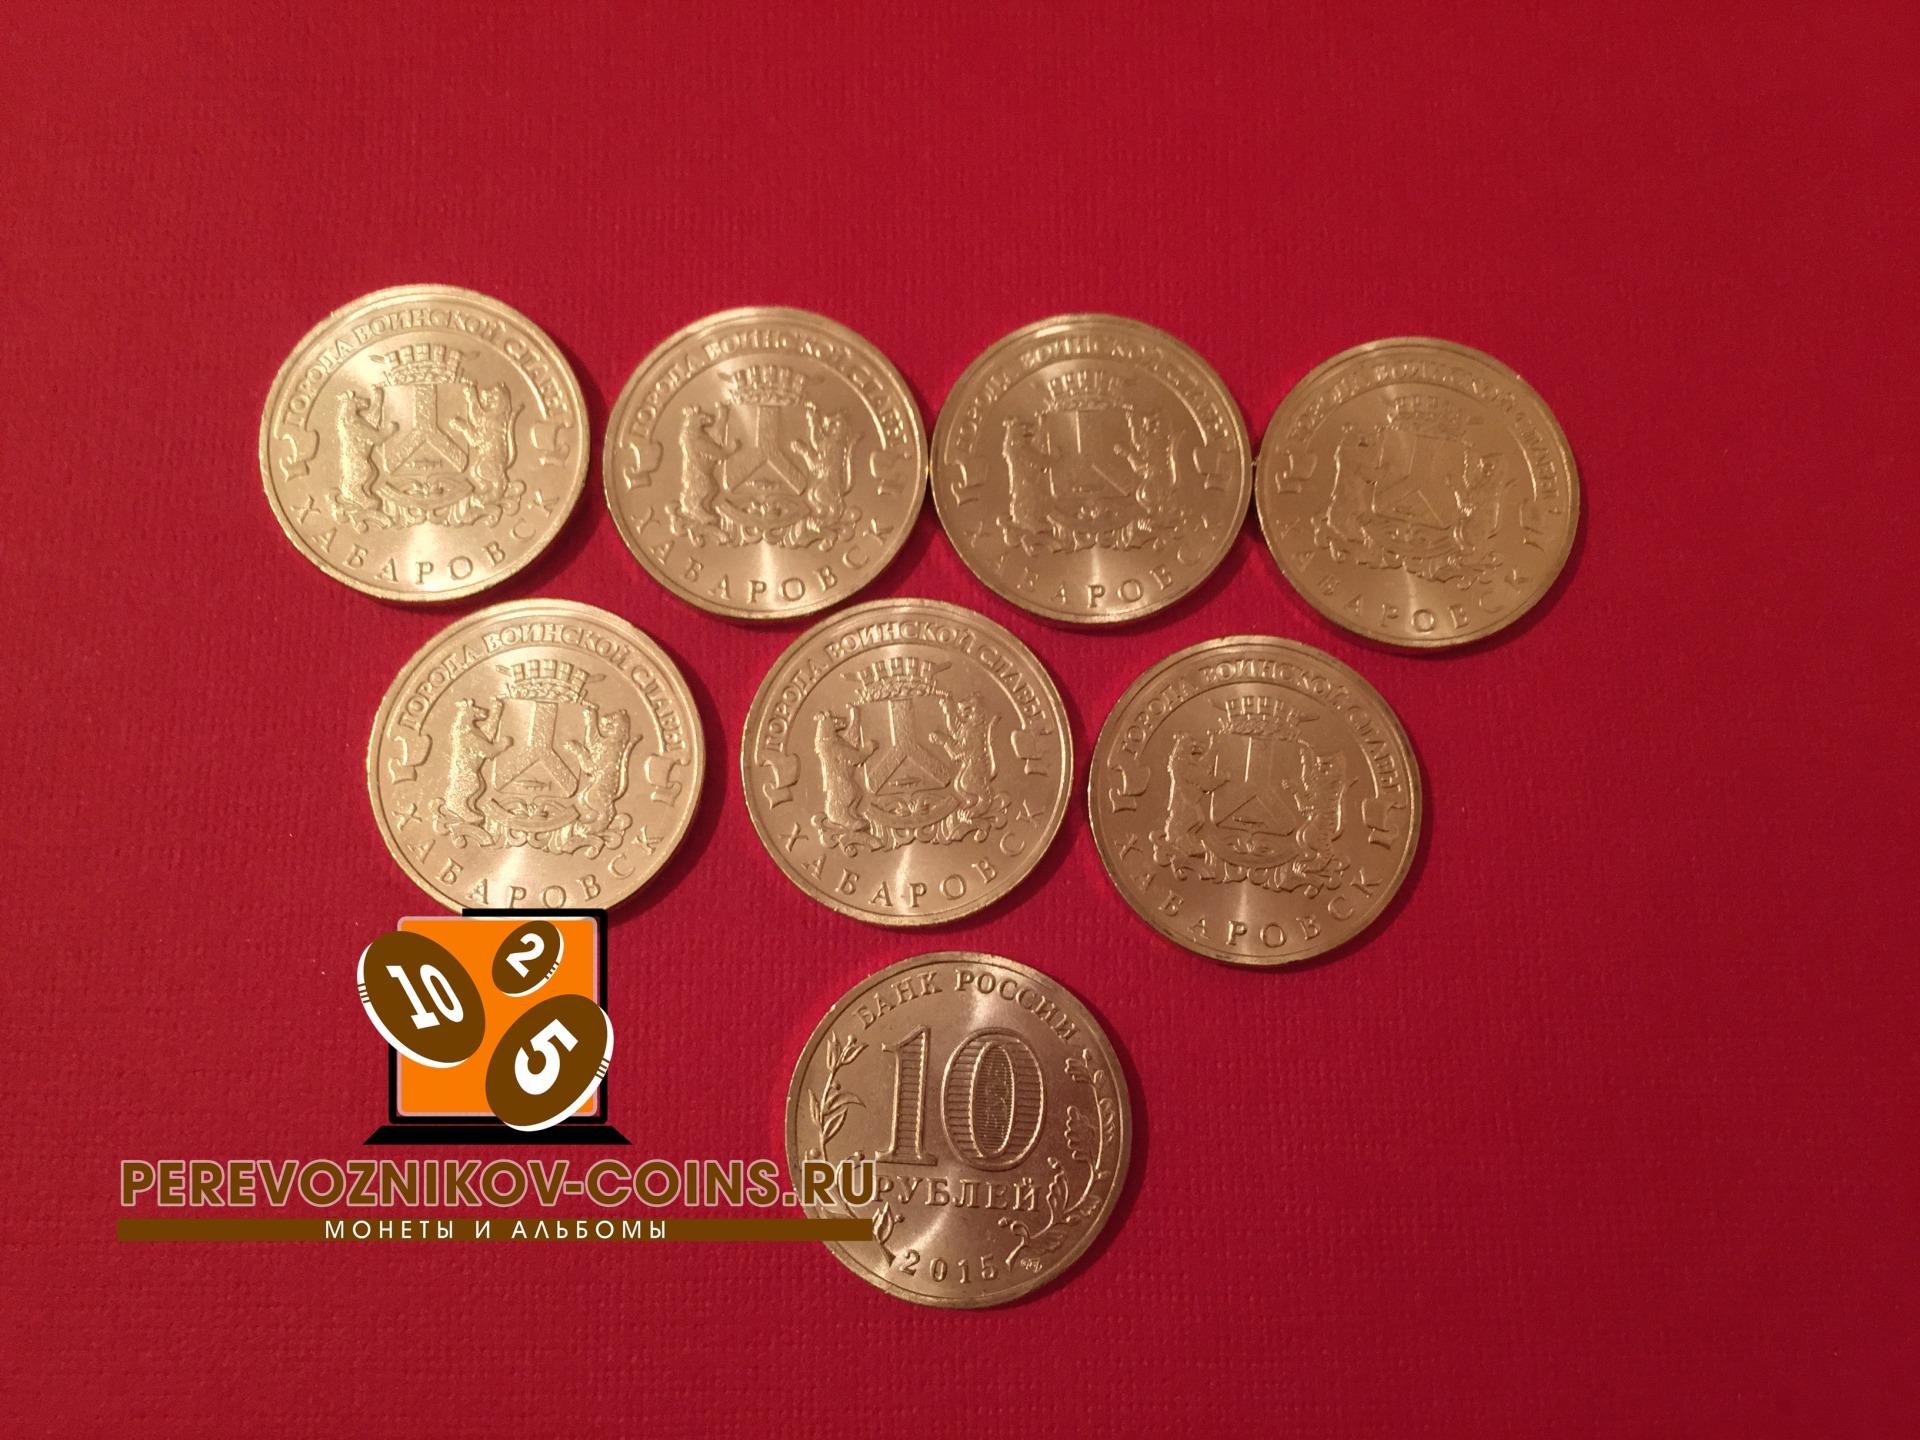 10 рублей Хабаровск (ГВС) 2015 г. UNC